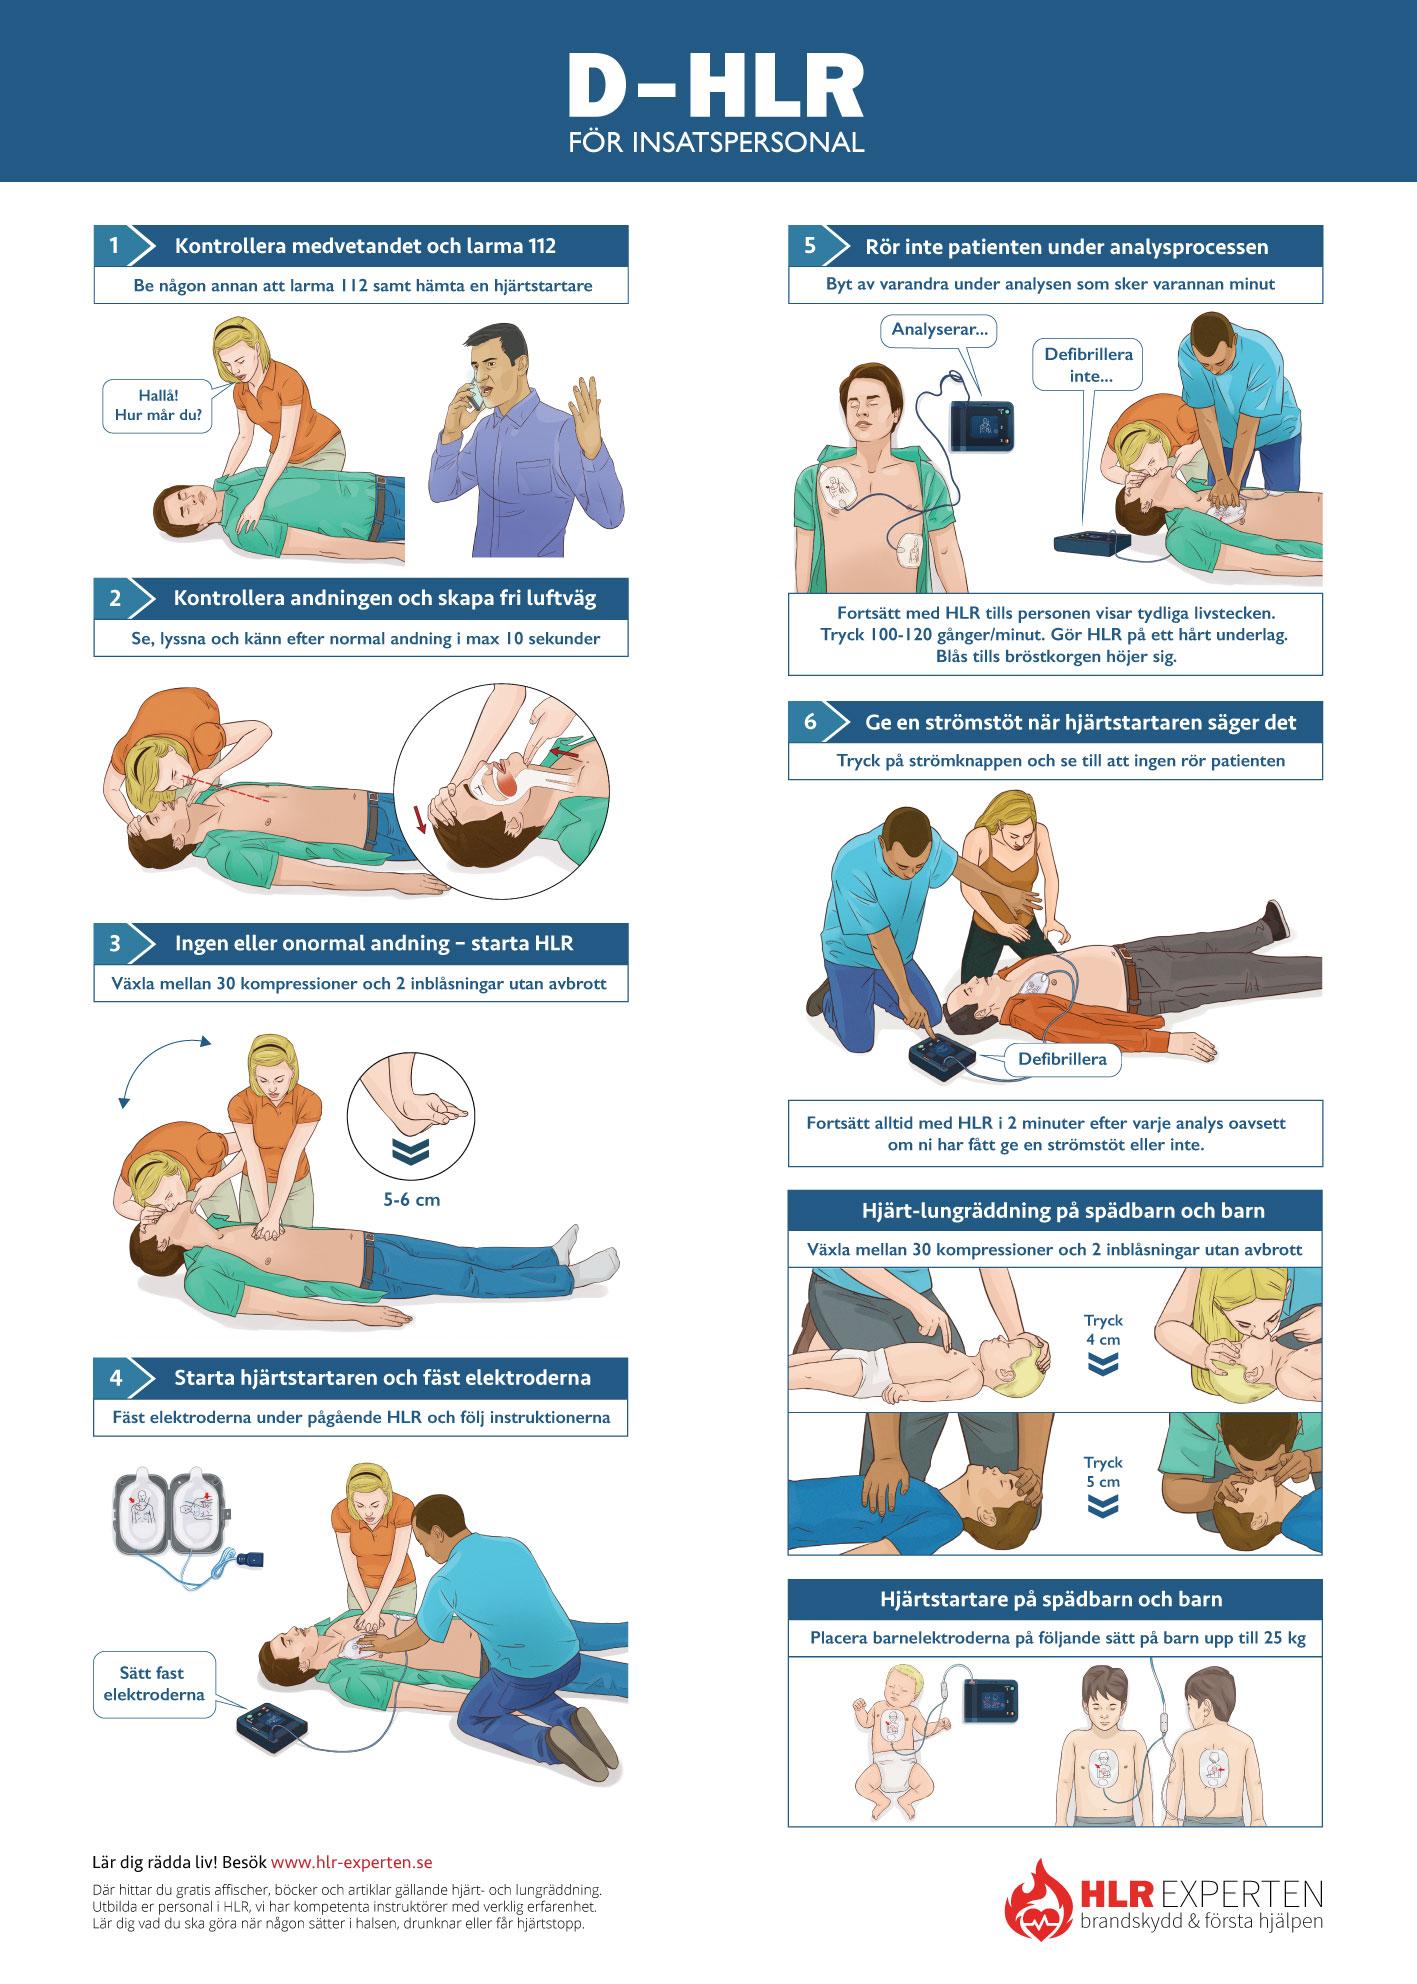 HLR affisch - Affischen visar handlingsplanen för D-HLR - Illustration: Wasim Hentati tel. 070-2736853 - HLR Experten